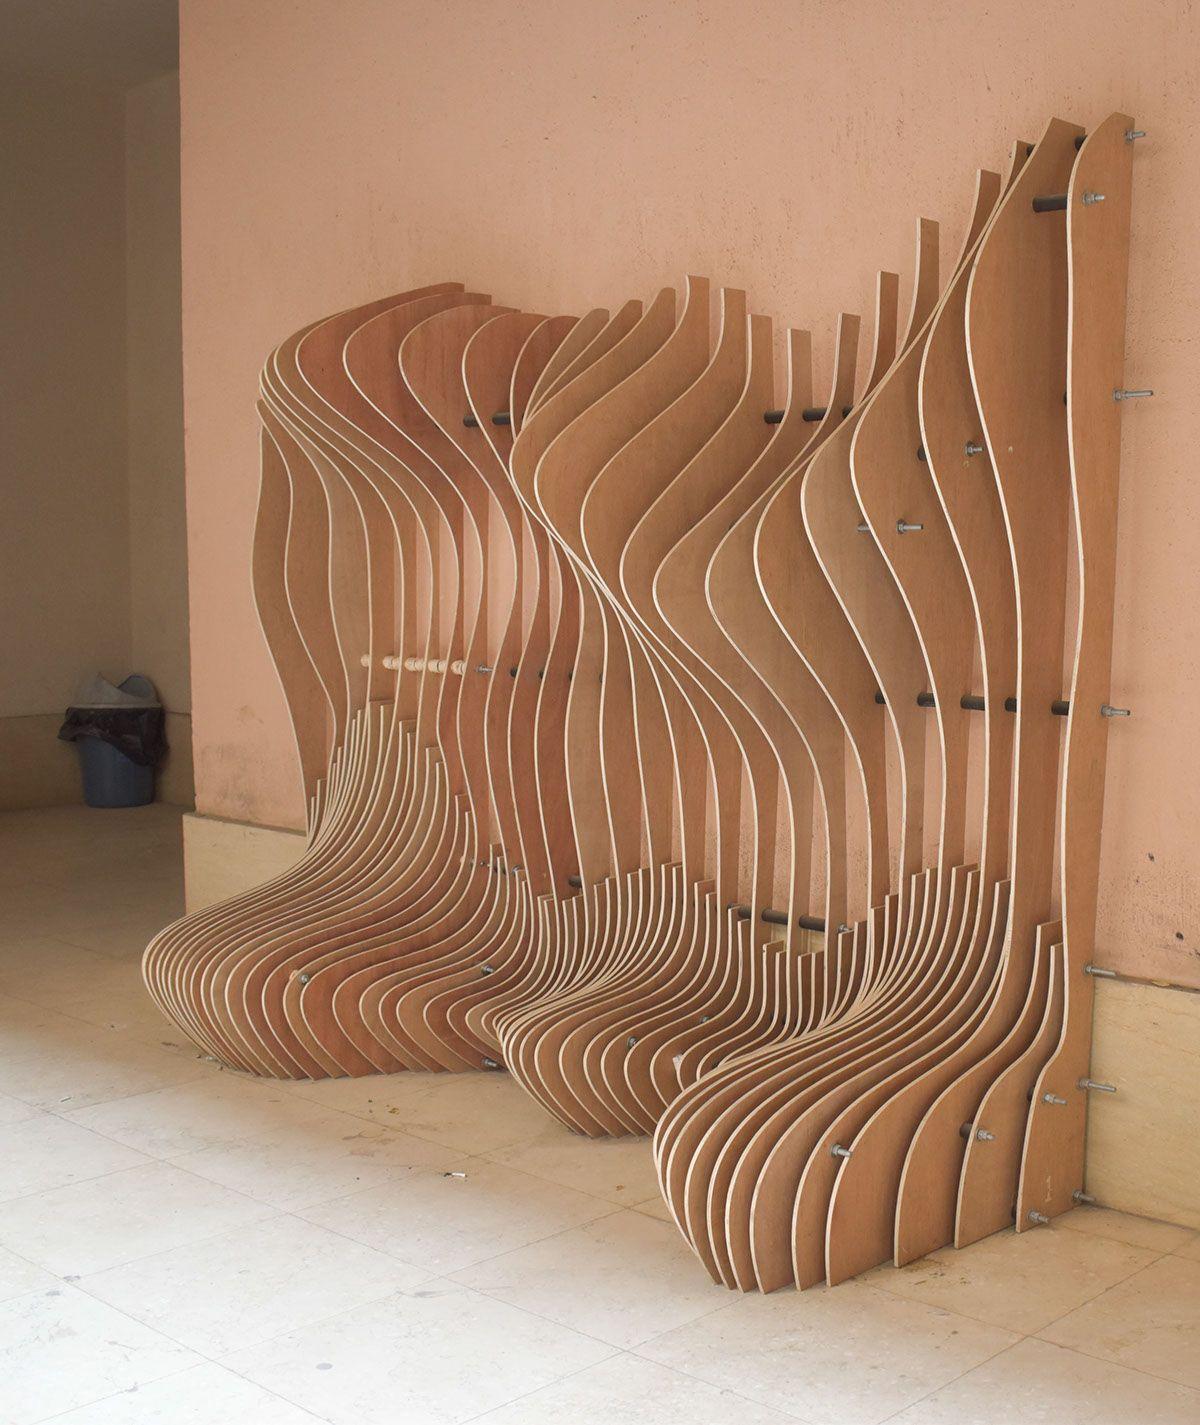 Pingl par david d alexandris sur idee deco en 2019 meuble habitat mobilier de salon et mobilier - Meuble bar habitat ...